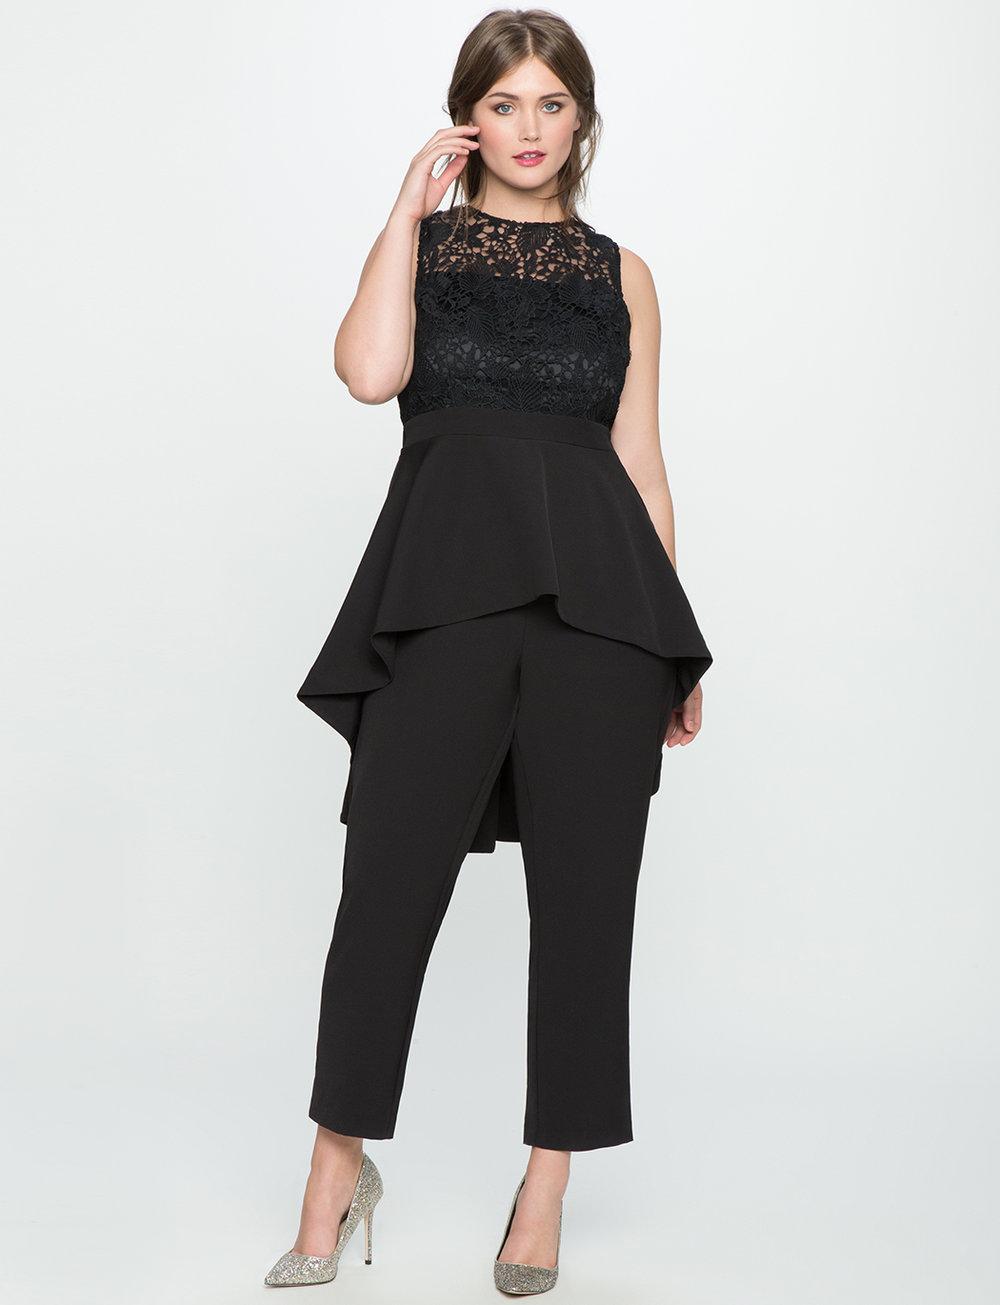 High Low Lace Jumpsuit